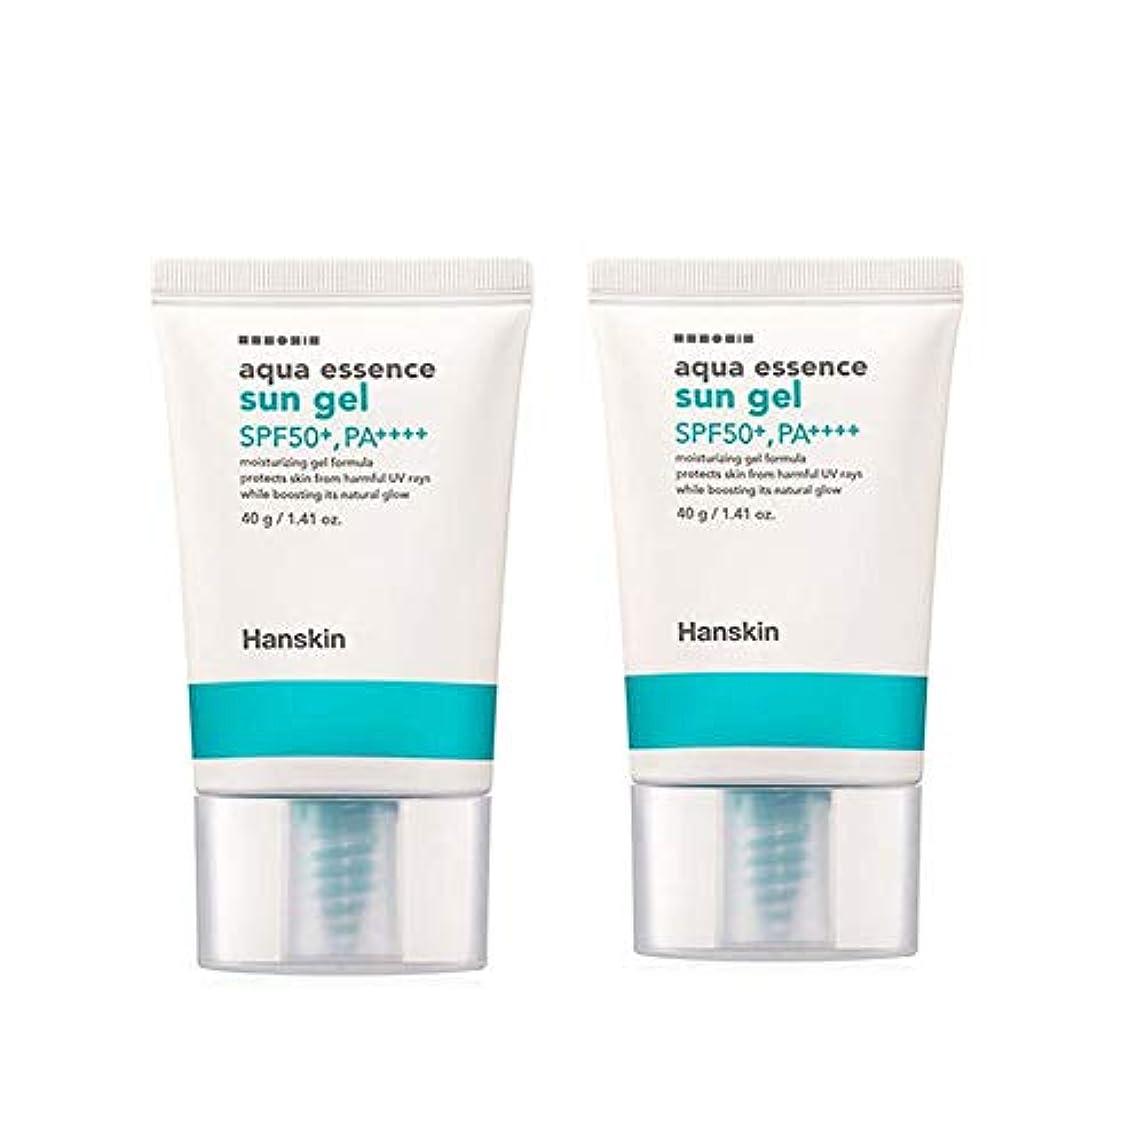 令状輸血ドラゴンハンスキンアクアエッセンスサンゼル40gx2本セットサンクリーム韓国コスメ、Hanskin Aqua Essence Sun Gel 40g x 2ea Set Sun Cream Korean Cosmetics [並行輸入品]